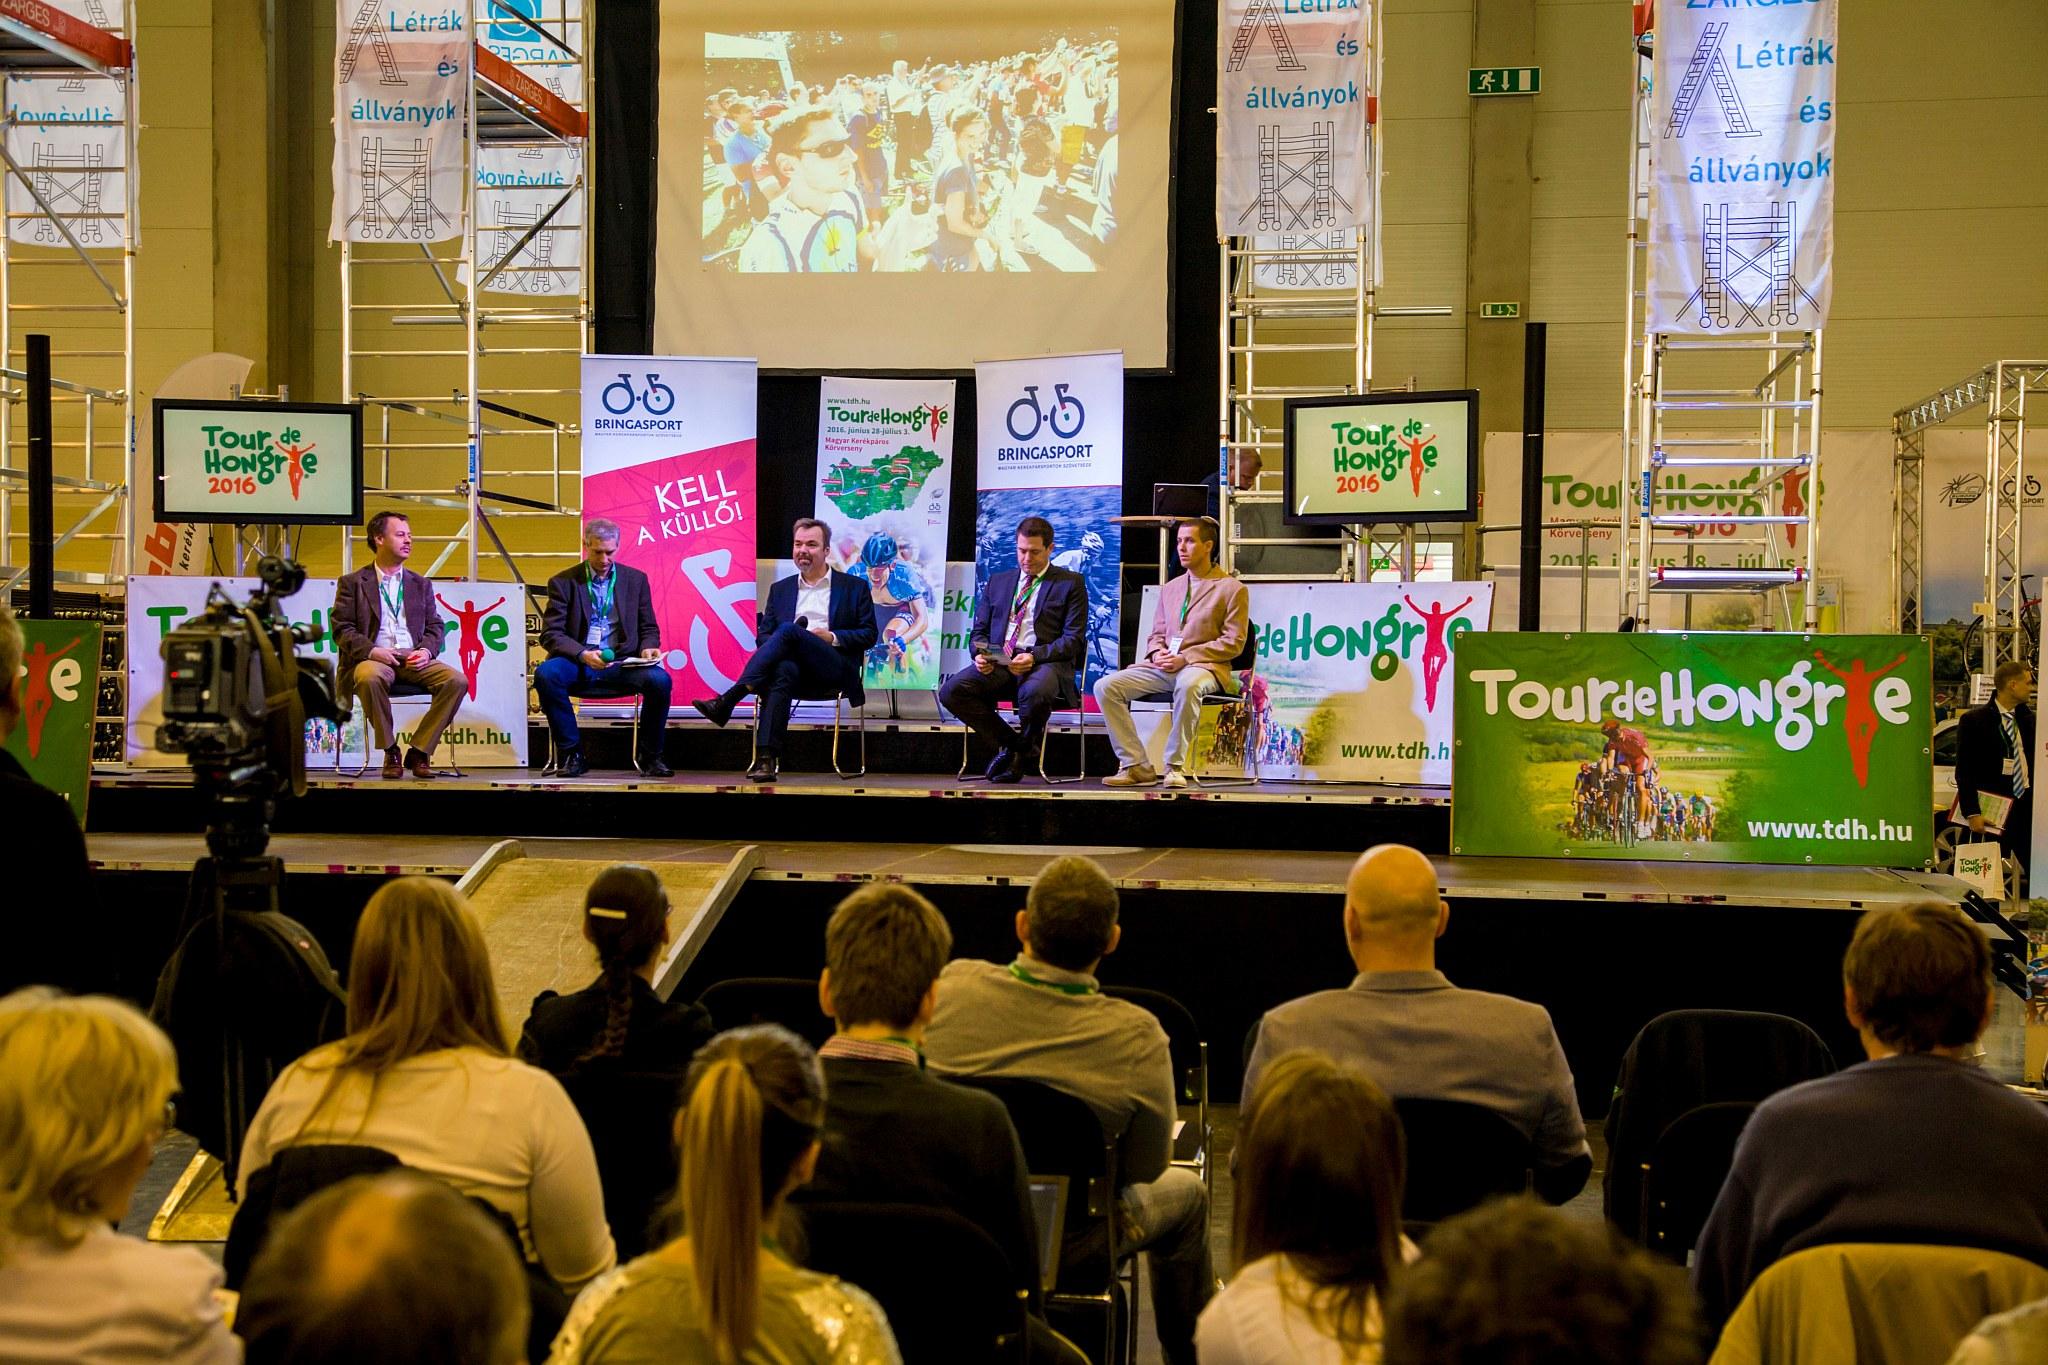 Tour de Hongrie sajtótájékoztató a Bringaexpón